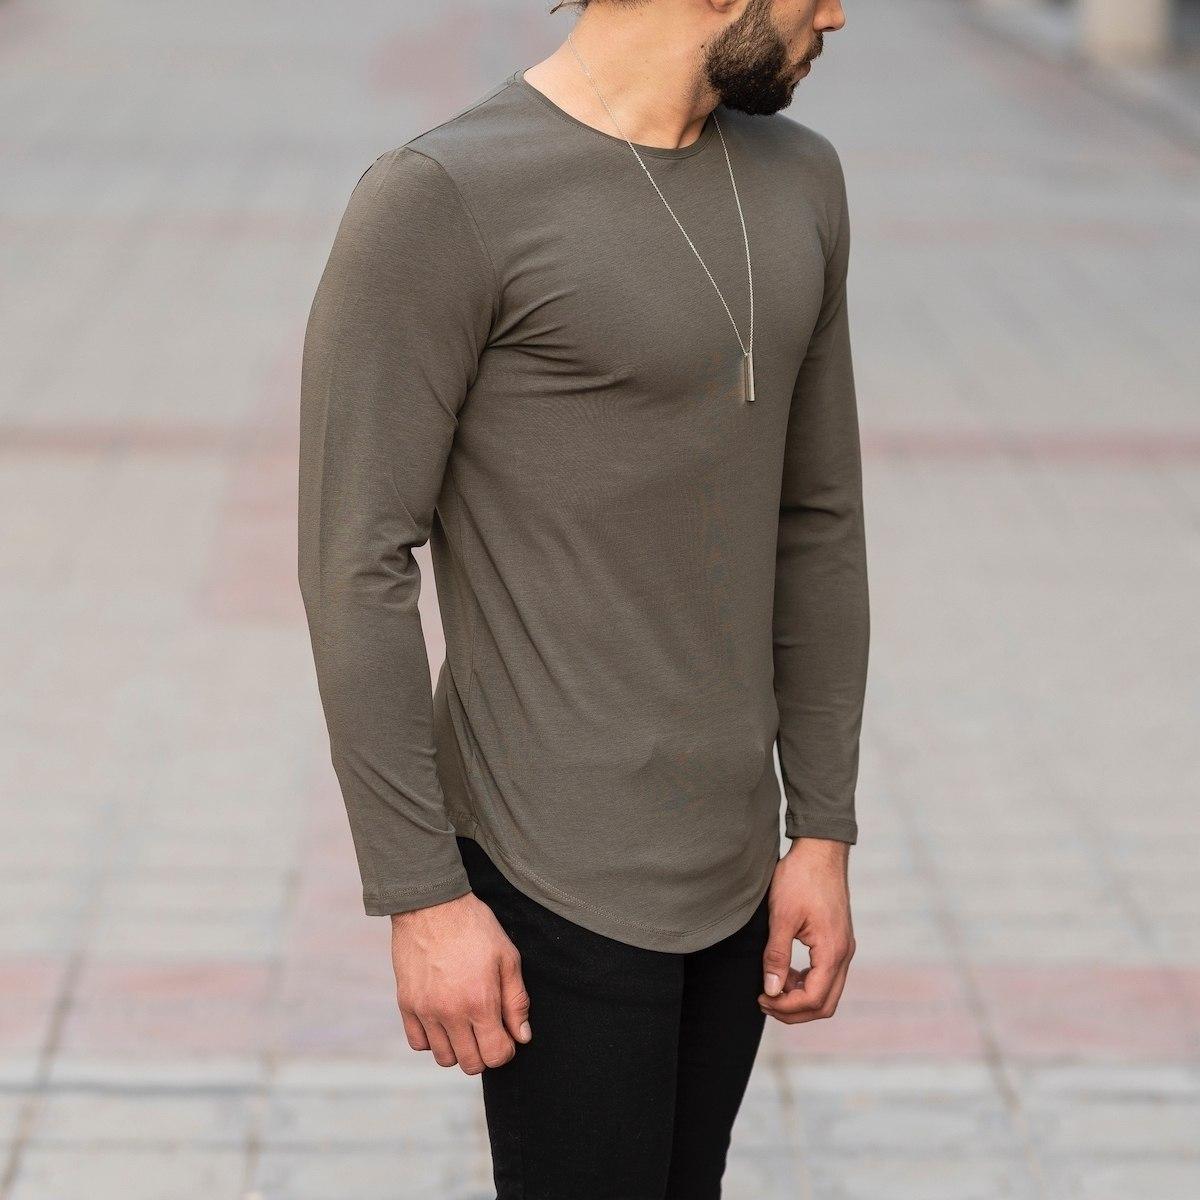 Basic Sweatshirt In Khaki Mv Premium Brand - 2